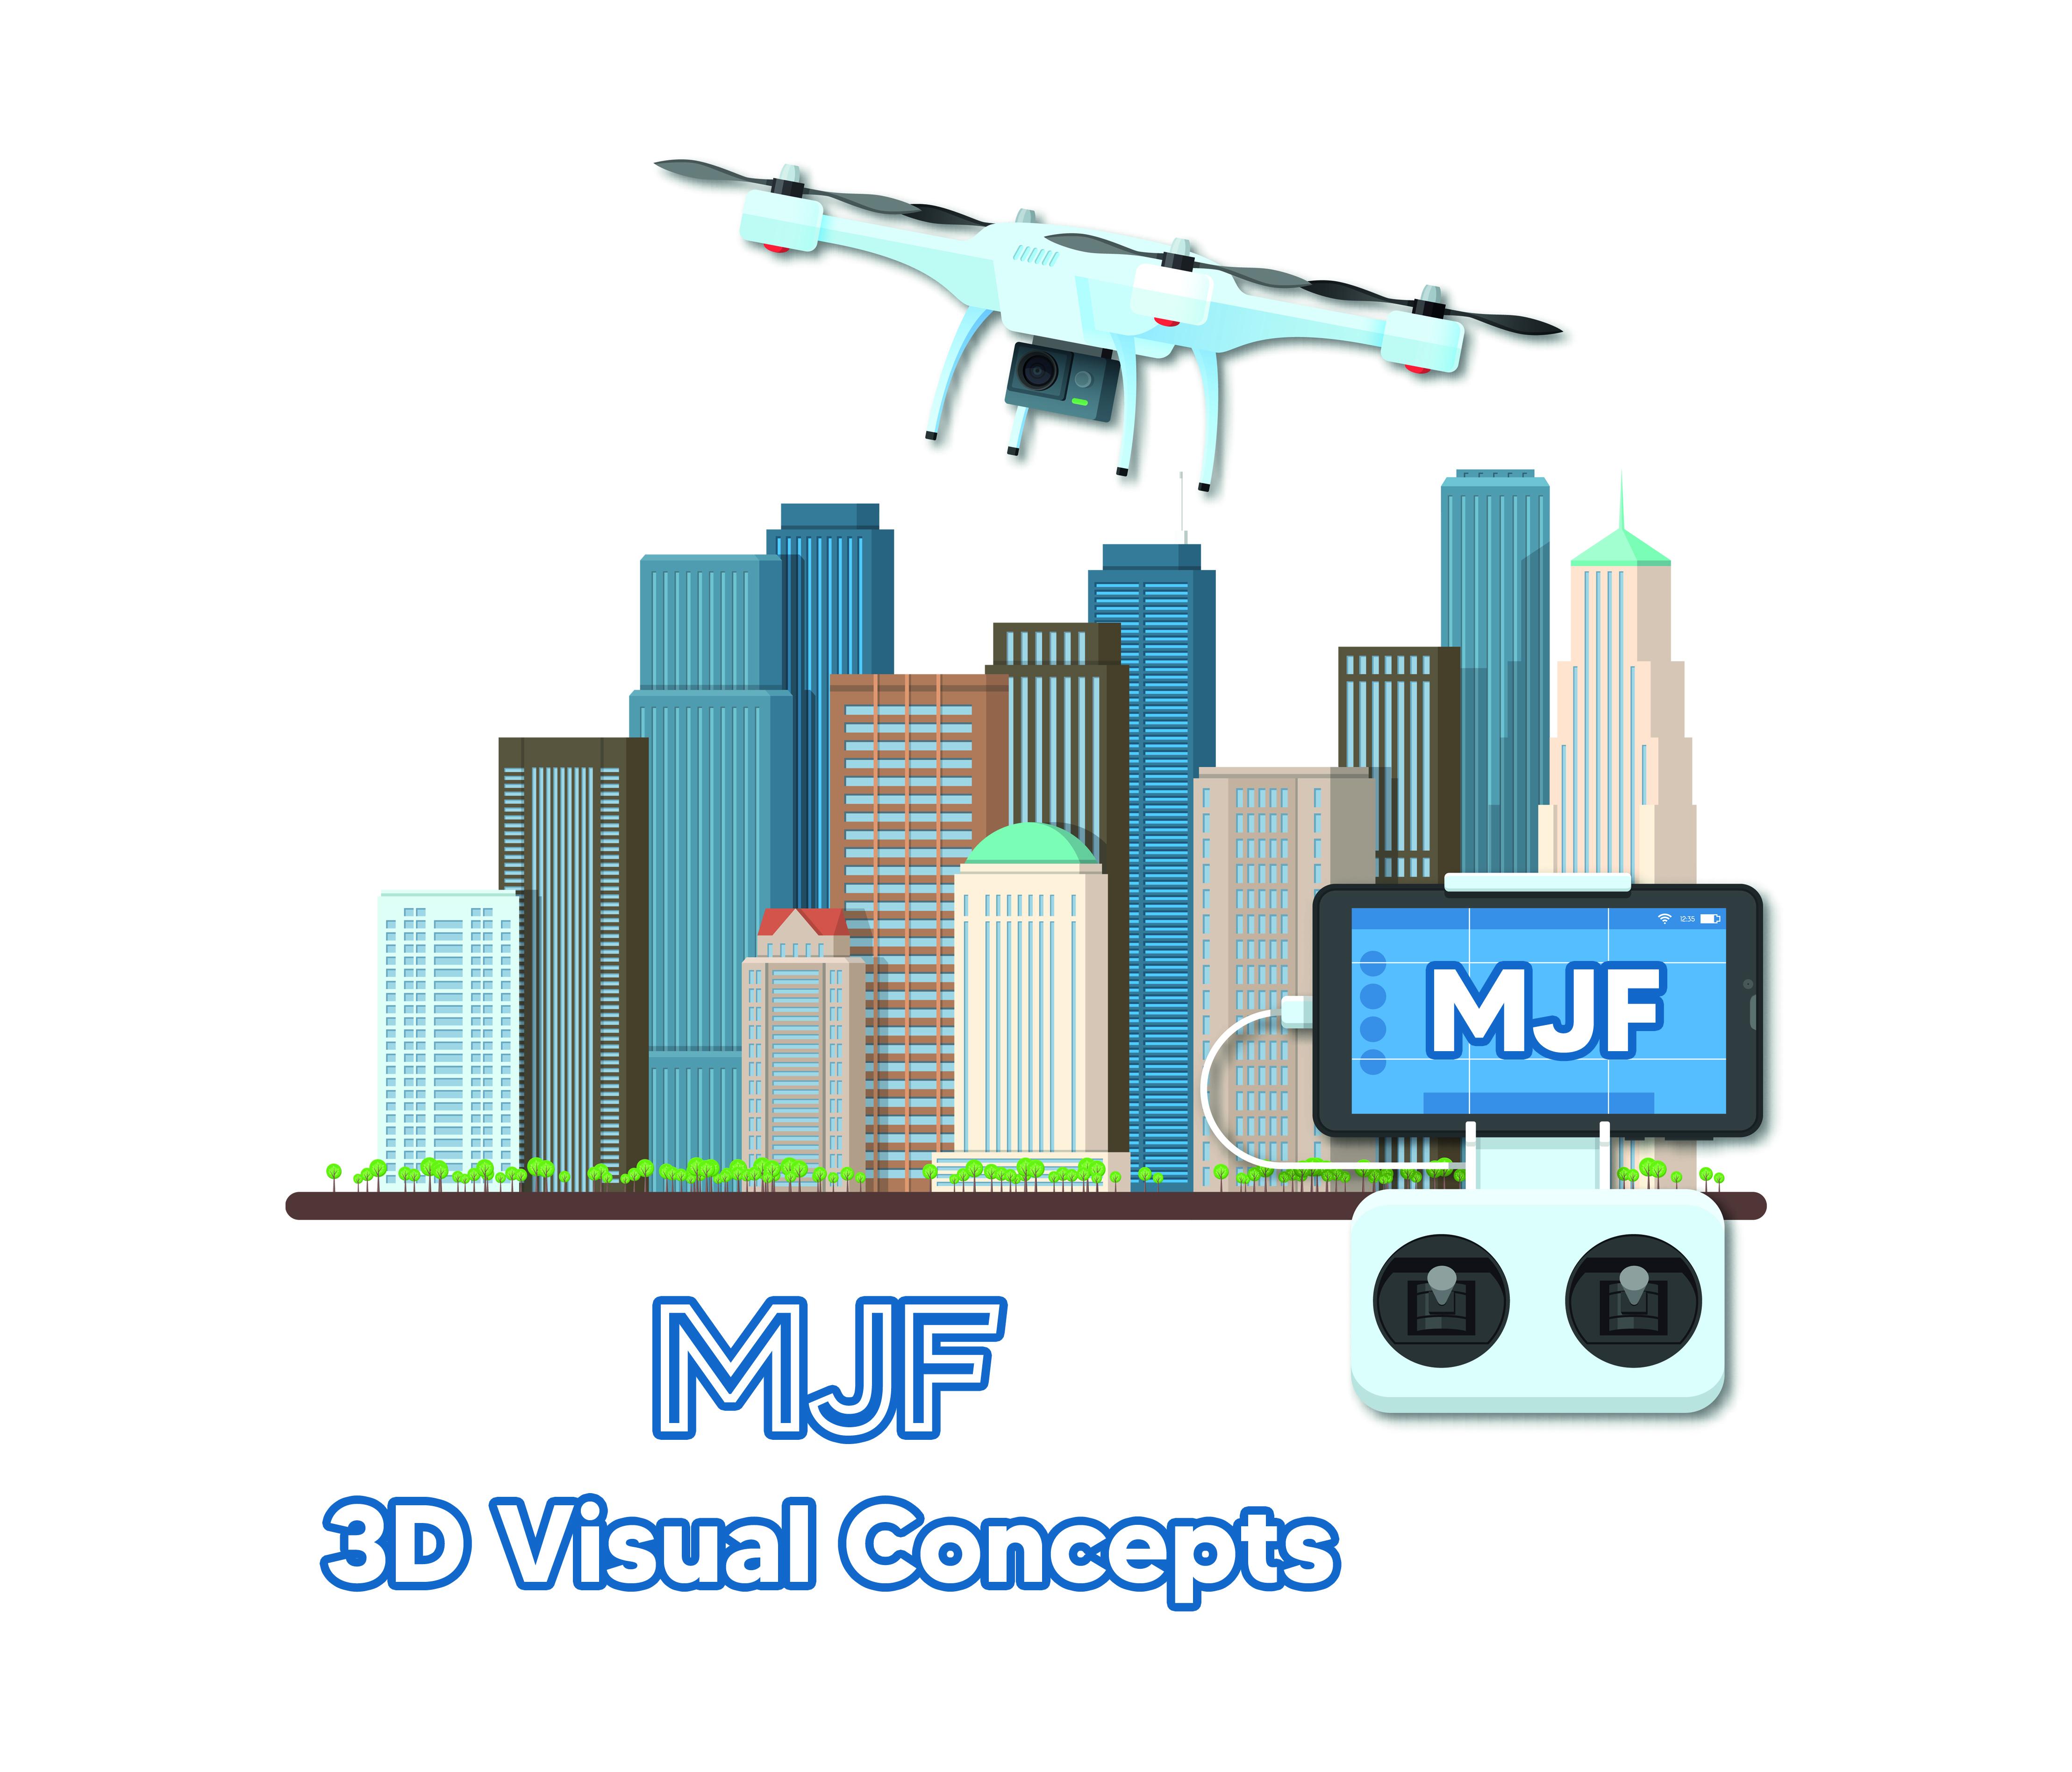 MJF 3D Visual Concepts